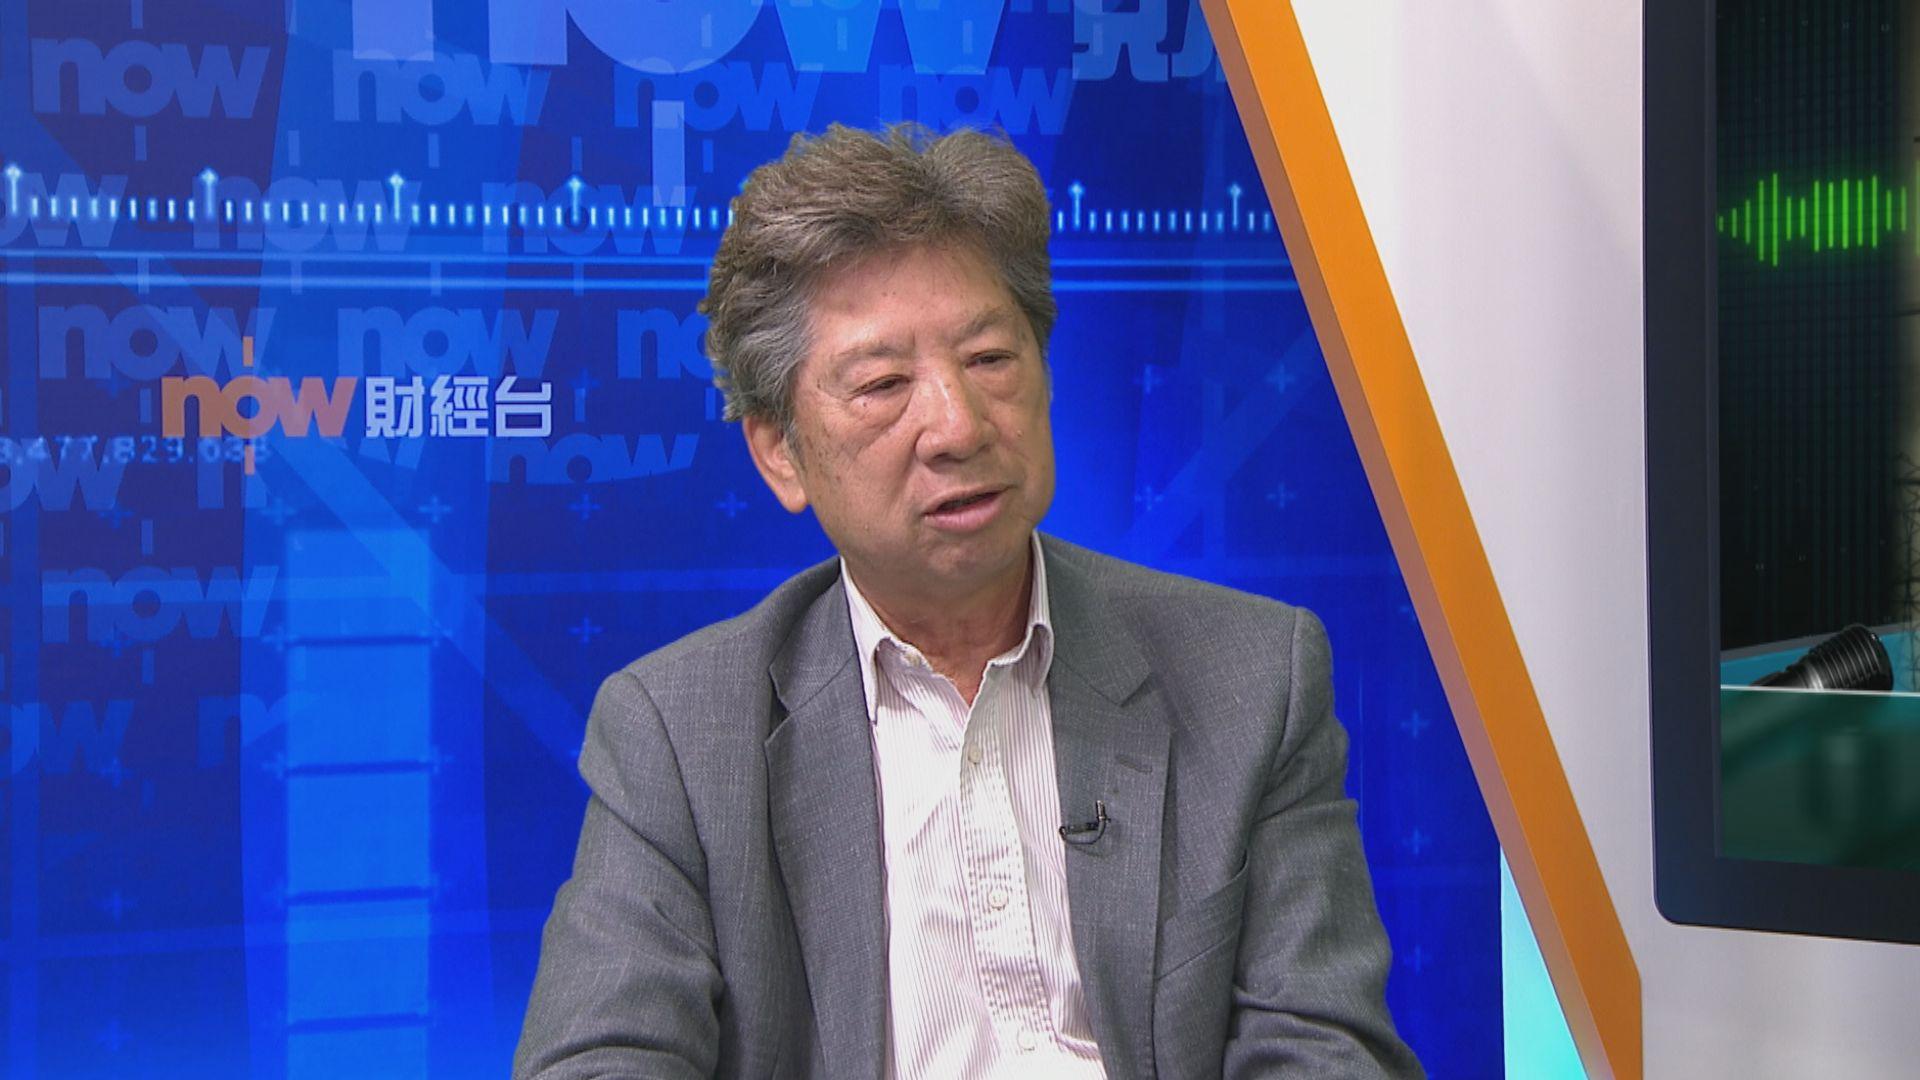 湯家驊:「主權在民」主張未必符合基本法要求